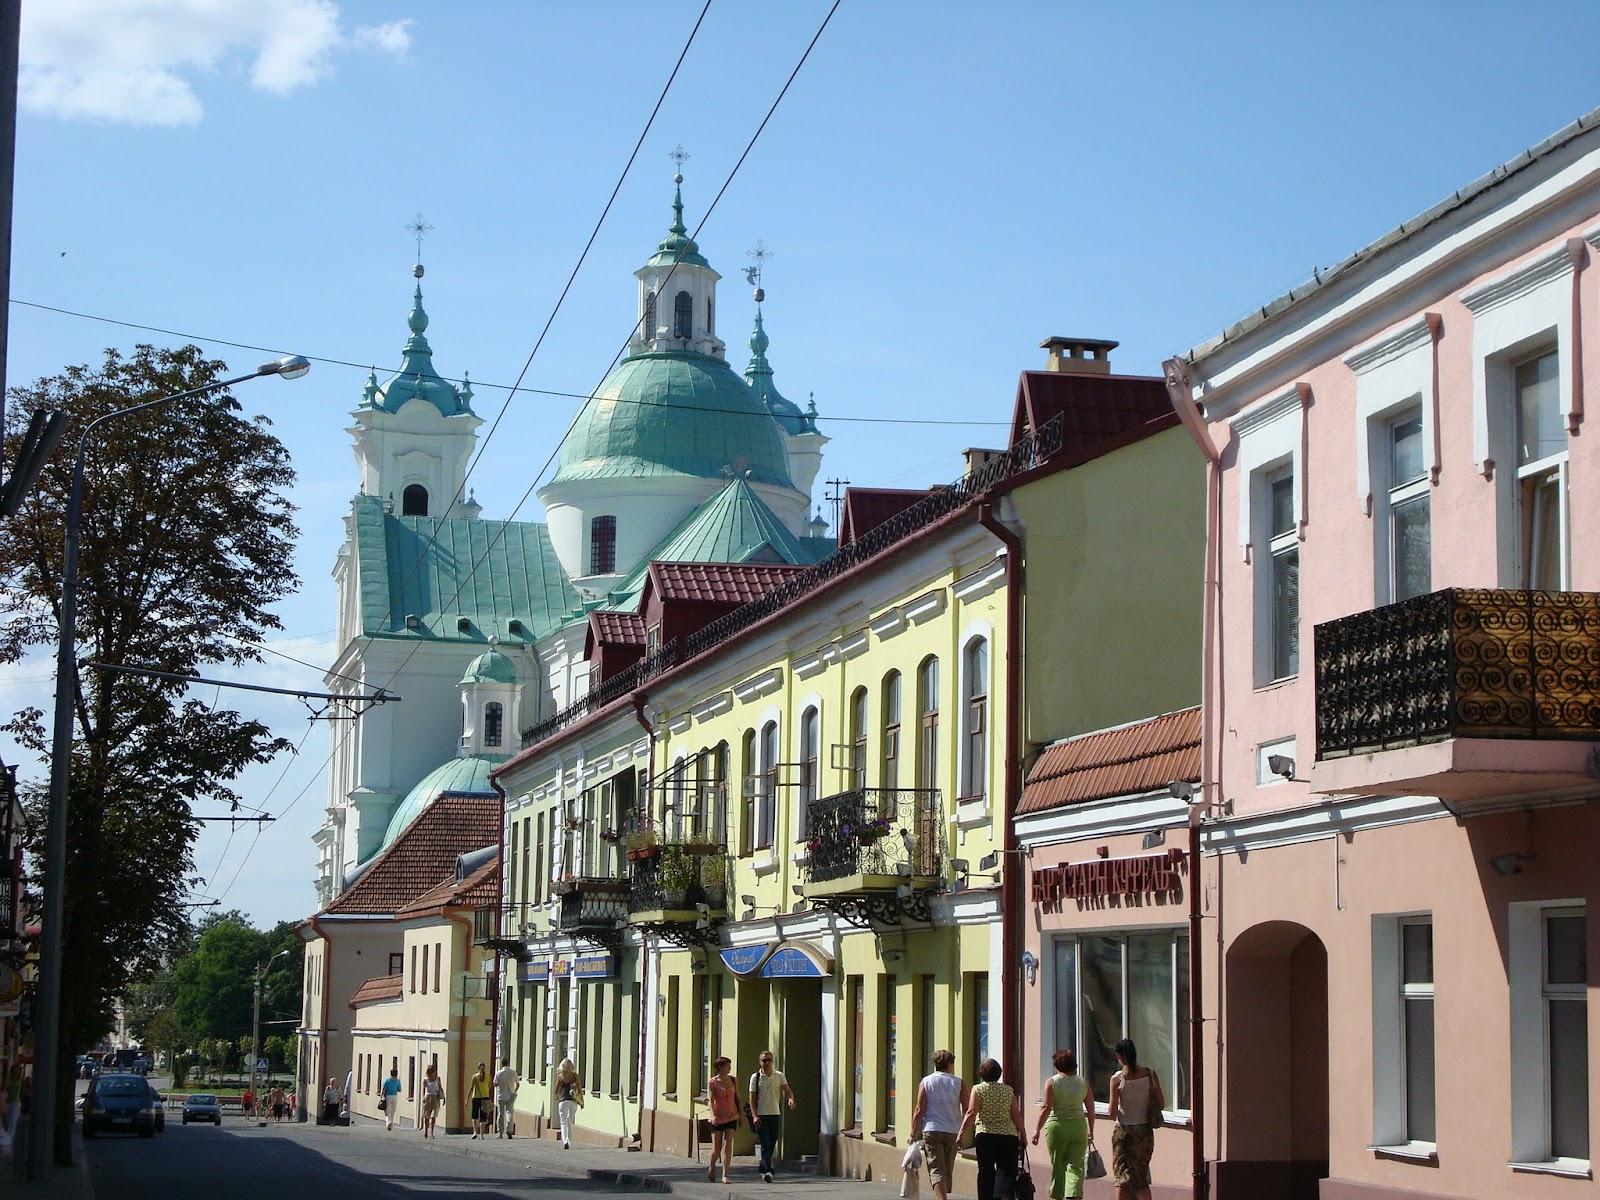 Kresy zaklęte w książkach: Impresje białoruskie - Grodno